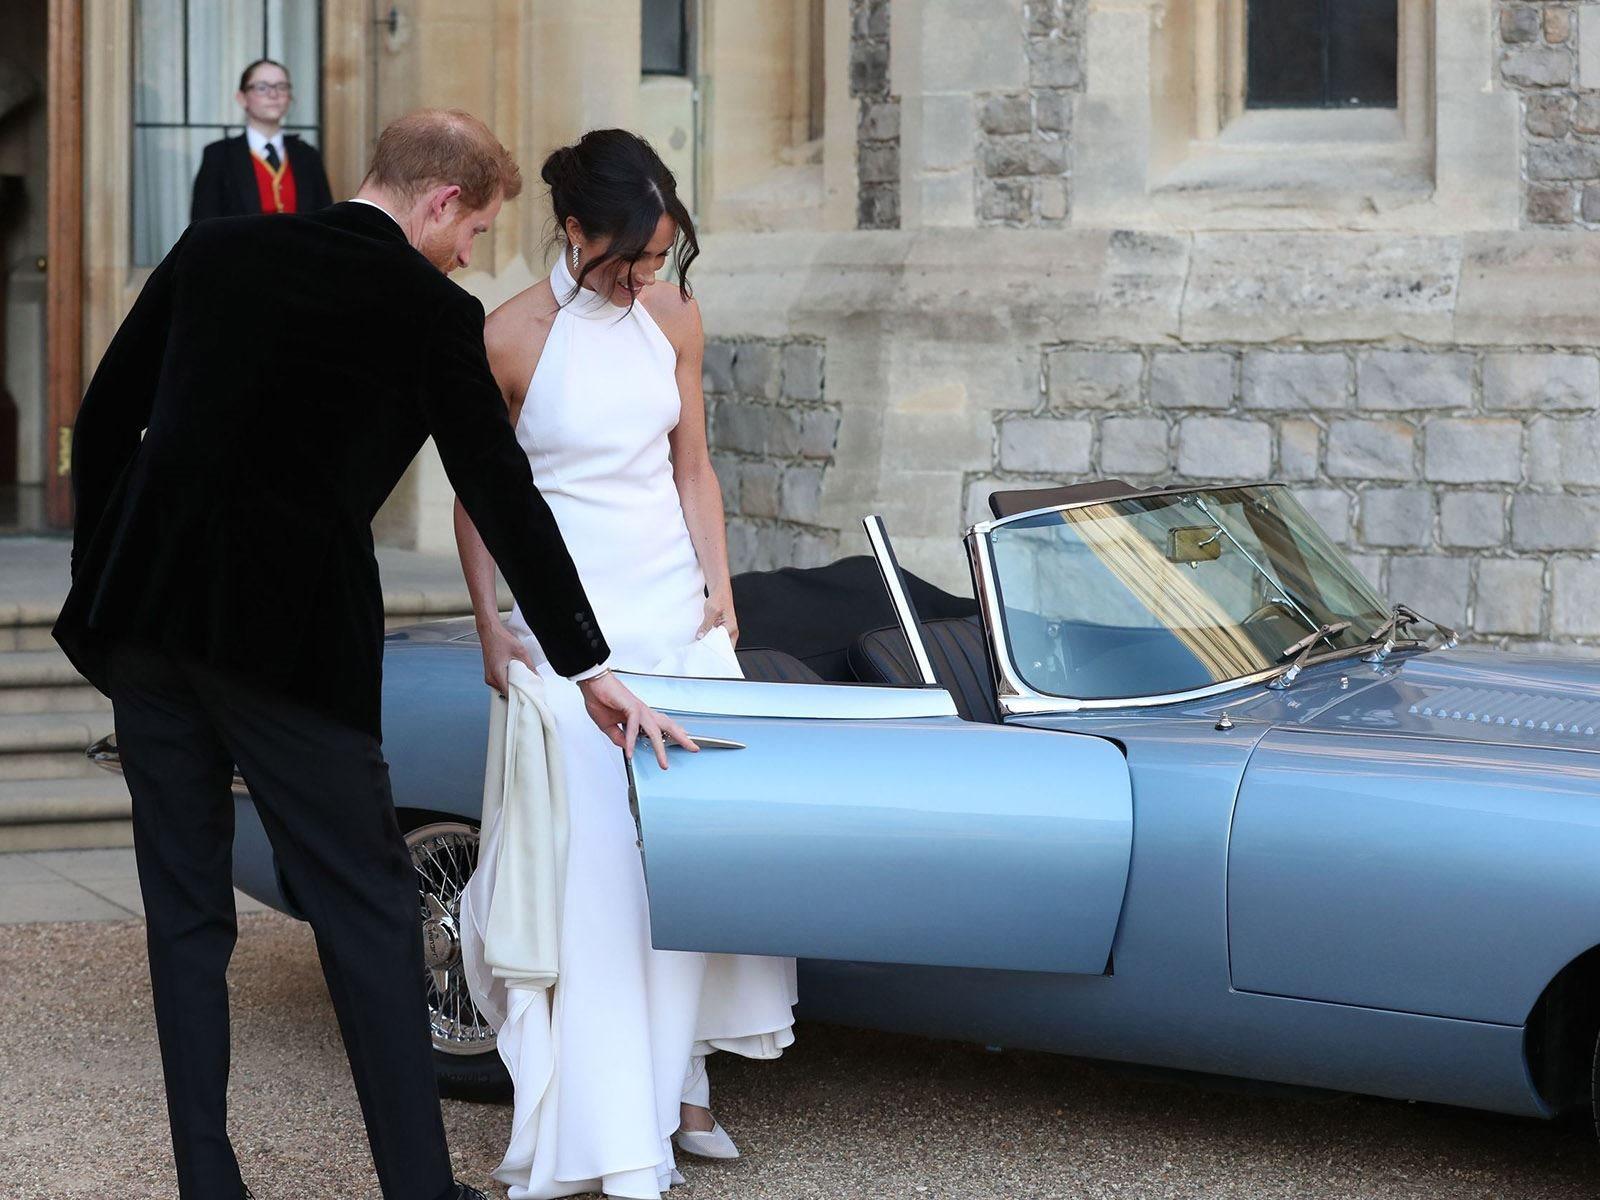 Производство Phantom IV было ограничено только 18 экземплярами между 1950 и 1956 годами, Rolls-Royce только делал их для тех, кого он считал достойными – для королевской семьи и глав государств. В настоящее время известно только о 16, 15 из них наход